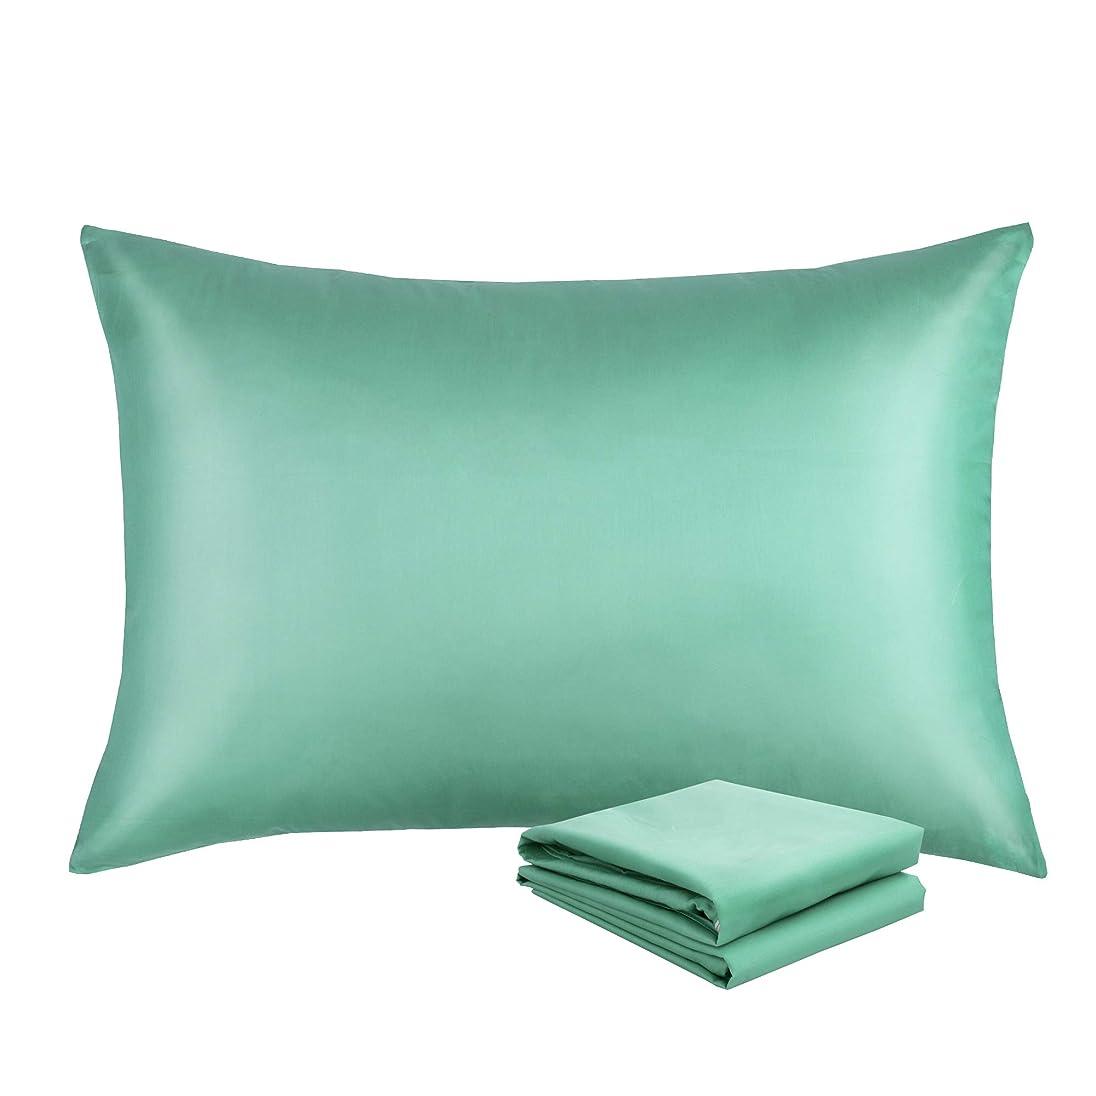 織る混合した確執NTBAY 枕カバー, ピロケース, 高級綿100%, ファスナー開閉式, 抗菌防臭, 防ダニ加工, 2枚含め(43cmx63cm) (シアン)